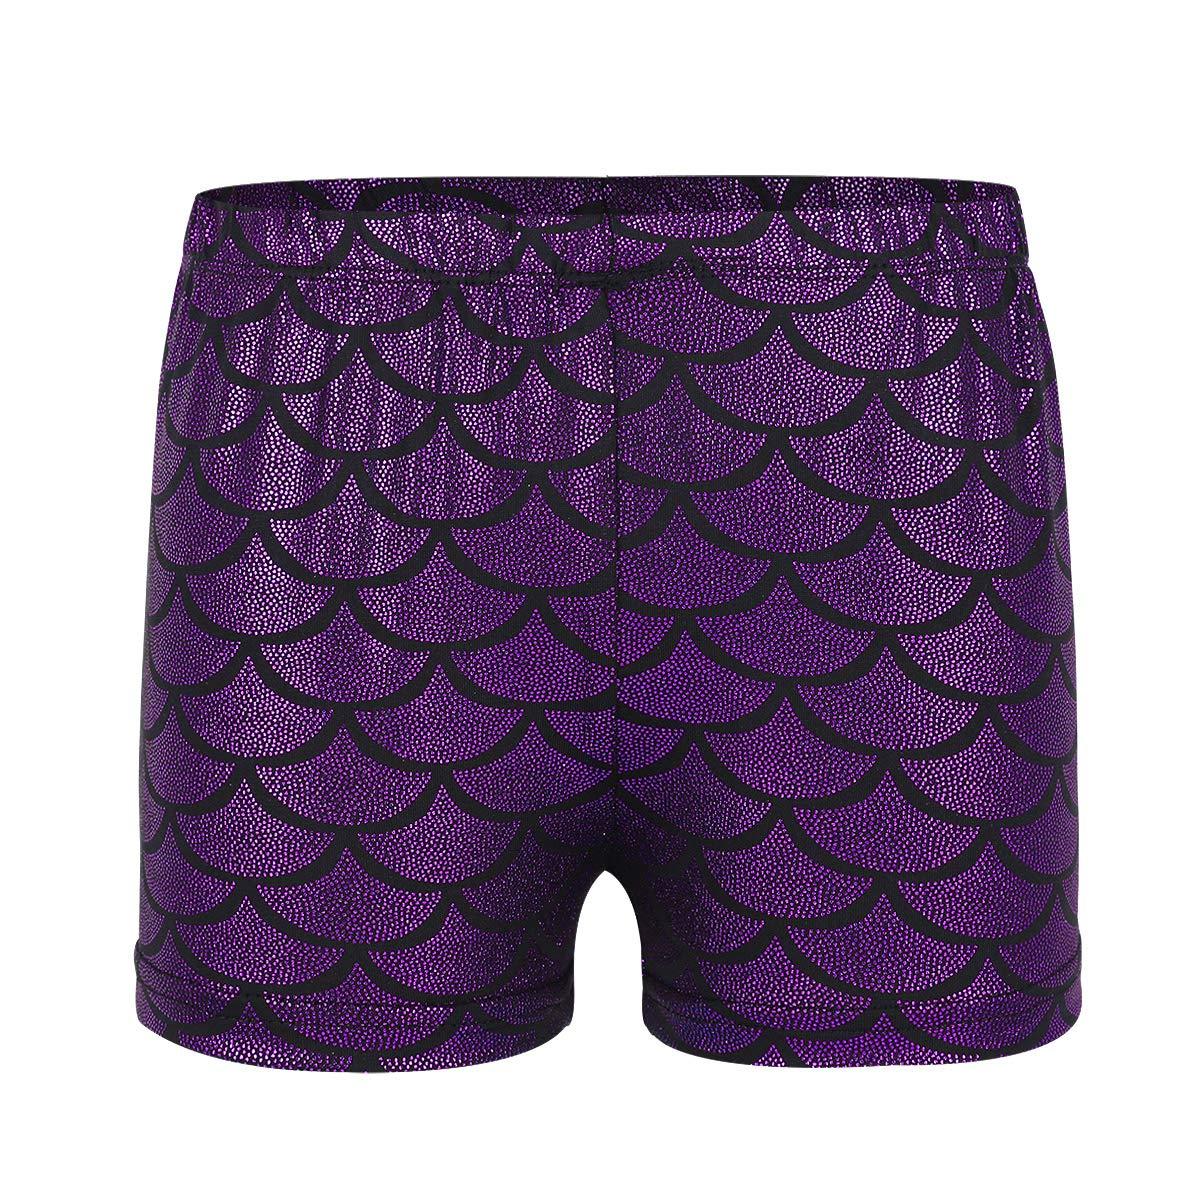 Freebily Girls Boy-Cut Shorts Low Rise Solid Booty Bottoms Dance Underwear Purple 10